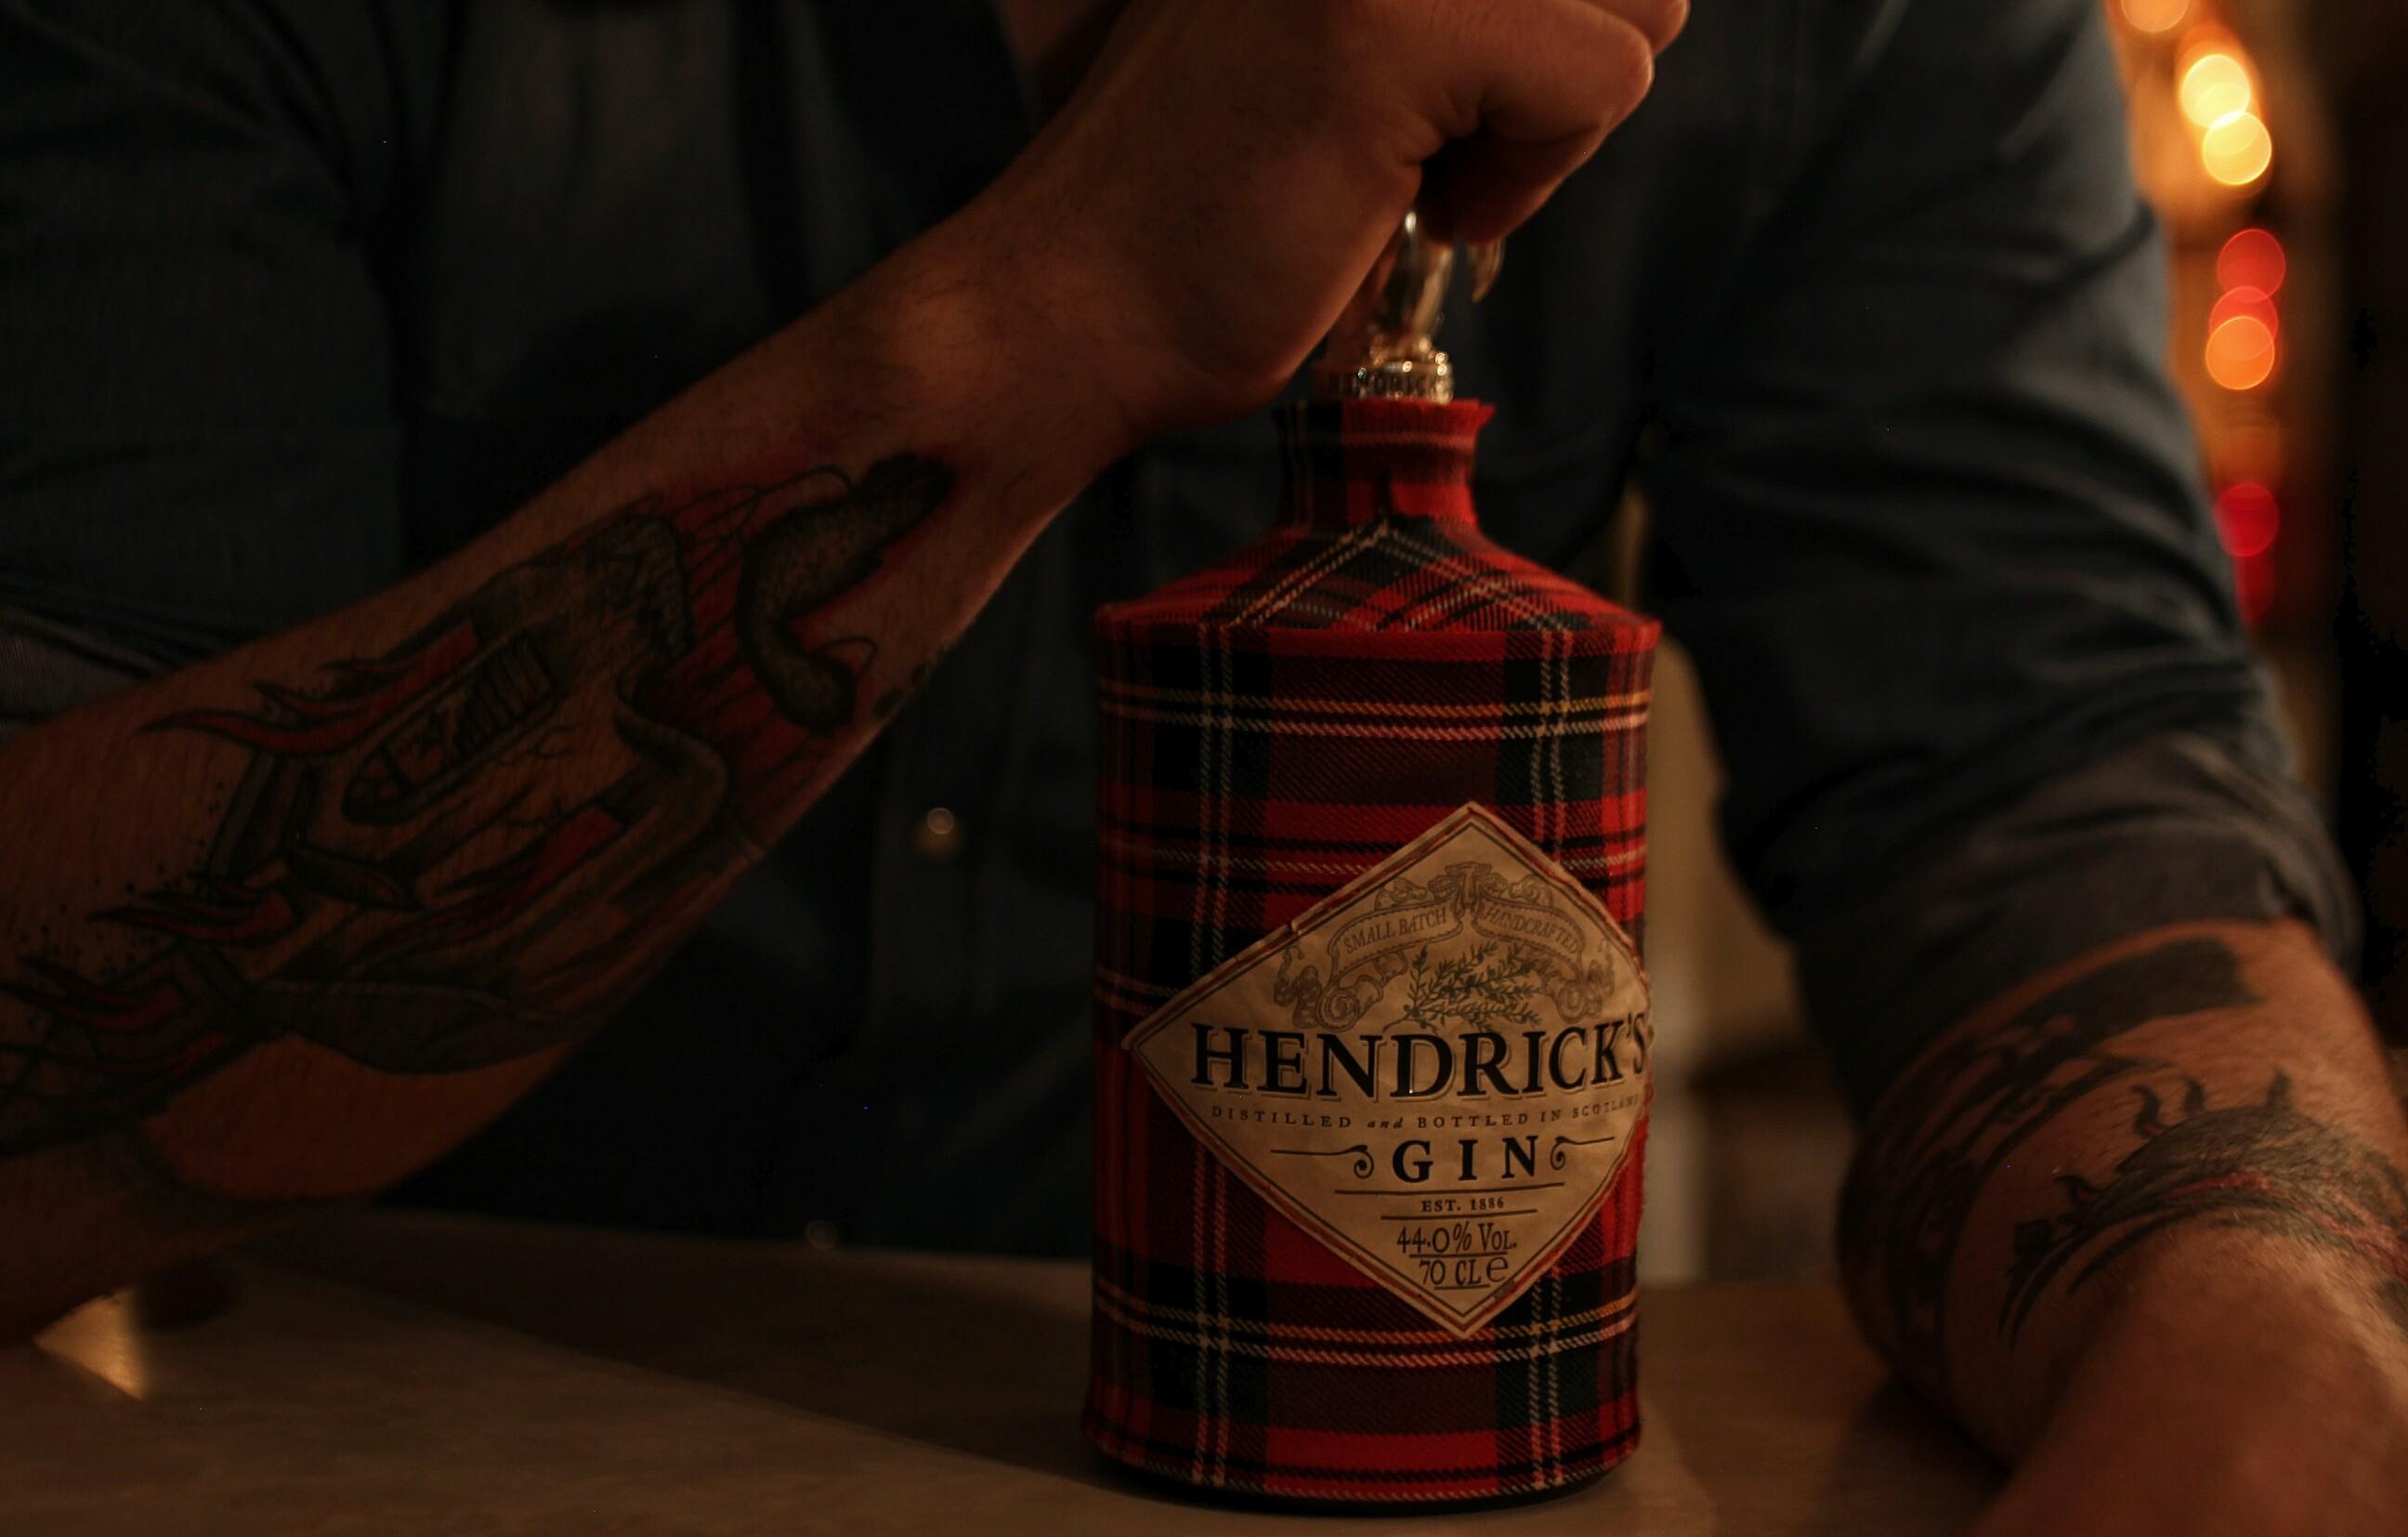 Shooting Hendrix